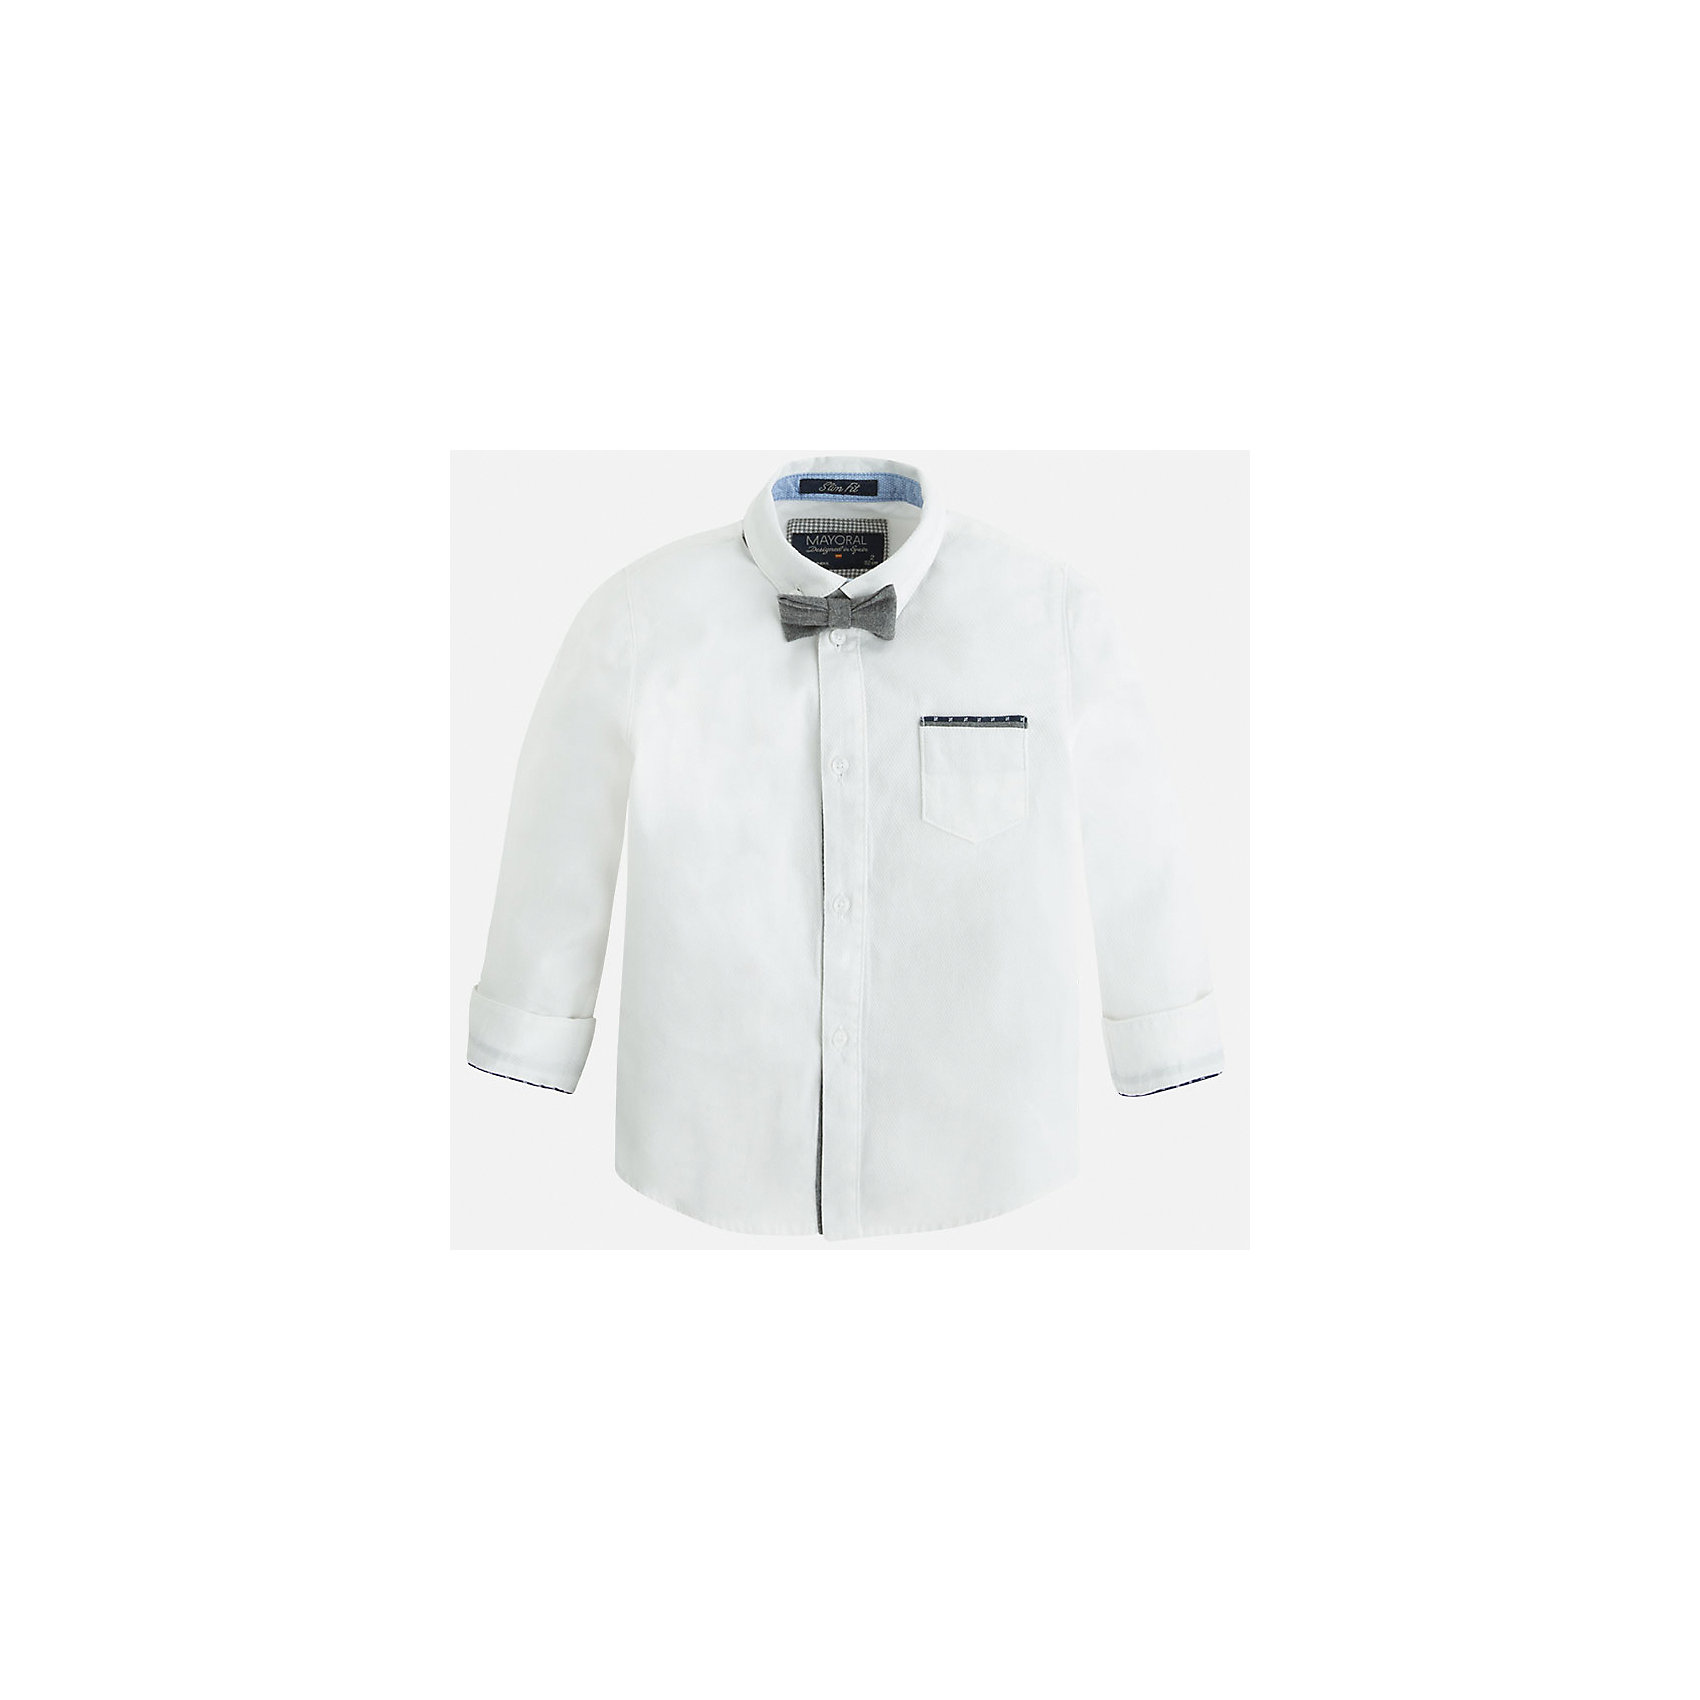 Рубашка для мальчика MayoralБлузки и рубашки<br>Рубашка для мальчика Mayoral (Майорал) – это стильная модная модель для вашего маленького джентльмена.<br>Рубашка для мальчика с длинными рукавами от известной испанской марки Mayoral (Майорал) изготовлена из натурального хлопка. Рубашка застегивается на пуговицы, на груди имеется небольшой накладной карман, на локтях - контрастные декоративные заплатки, сочетающиеся по цвету с кантом на кармашке и манжетах. Модель дополнена небольшим элегантным галстуком-бабочкой серого цвета.<br><br>Дополнительная информация:<br><br>- Комплектация: рубашка с галстуком-бабочкой<br>- Цвет: белый<br>- Состав: 100% хлопок<br>- Уход: бережная стирка при 30 градусах<br><br>Рубашку для мальчика Mayoral (Майорал) можно купить в нашем интернет-магазине.<br><br>Ширина мм: 174<br>Глубина мм: 10<br>Высота мм: 169<br>Вес г: 157<br>Цвет: белый<br>Возраст от месяцев: 36<br>Возраст до месяцев: 48<br>Пол: Мужской<br>Возраст: Детский<br>Размер: 104,98,122,134,128,116,110<br>SKU: 4821110